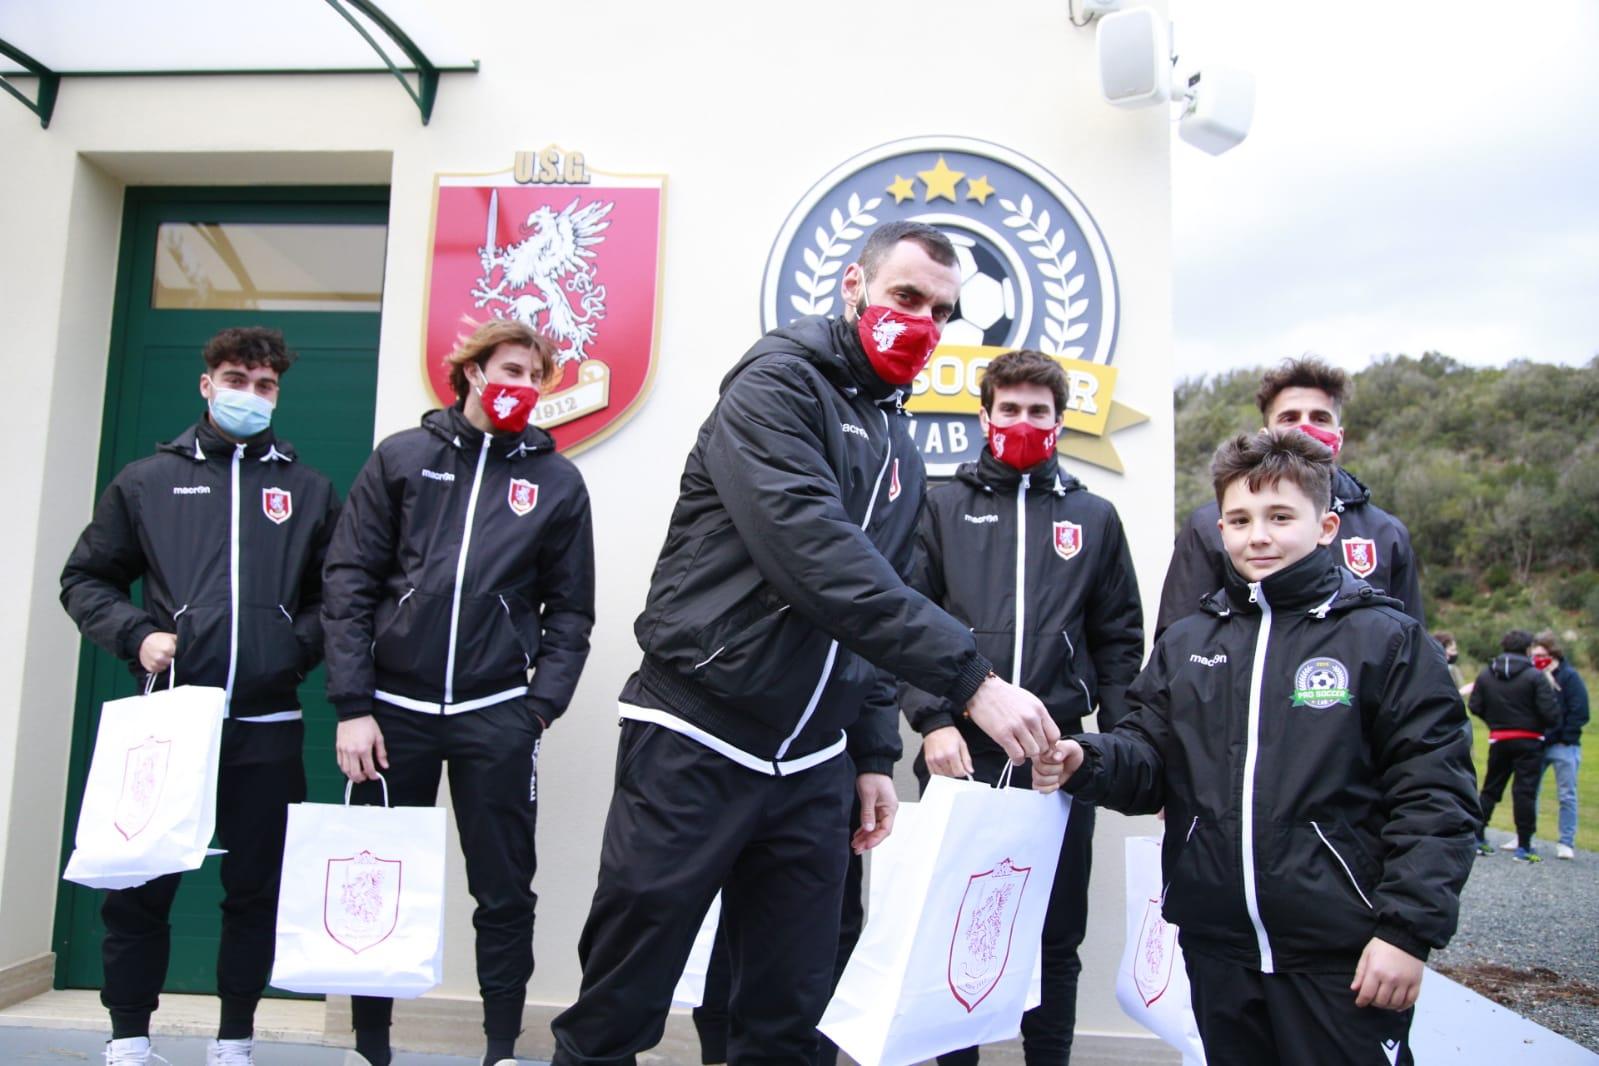 Il capitano dell'Us Grosseto, Andrea Ciolli, consegna i gadget unionisti a un campioncino della Pro Soccer Lab (foto Us Grosseto)